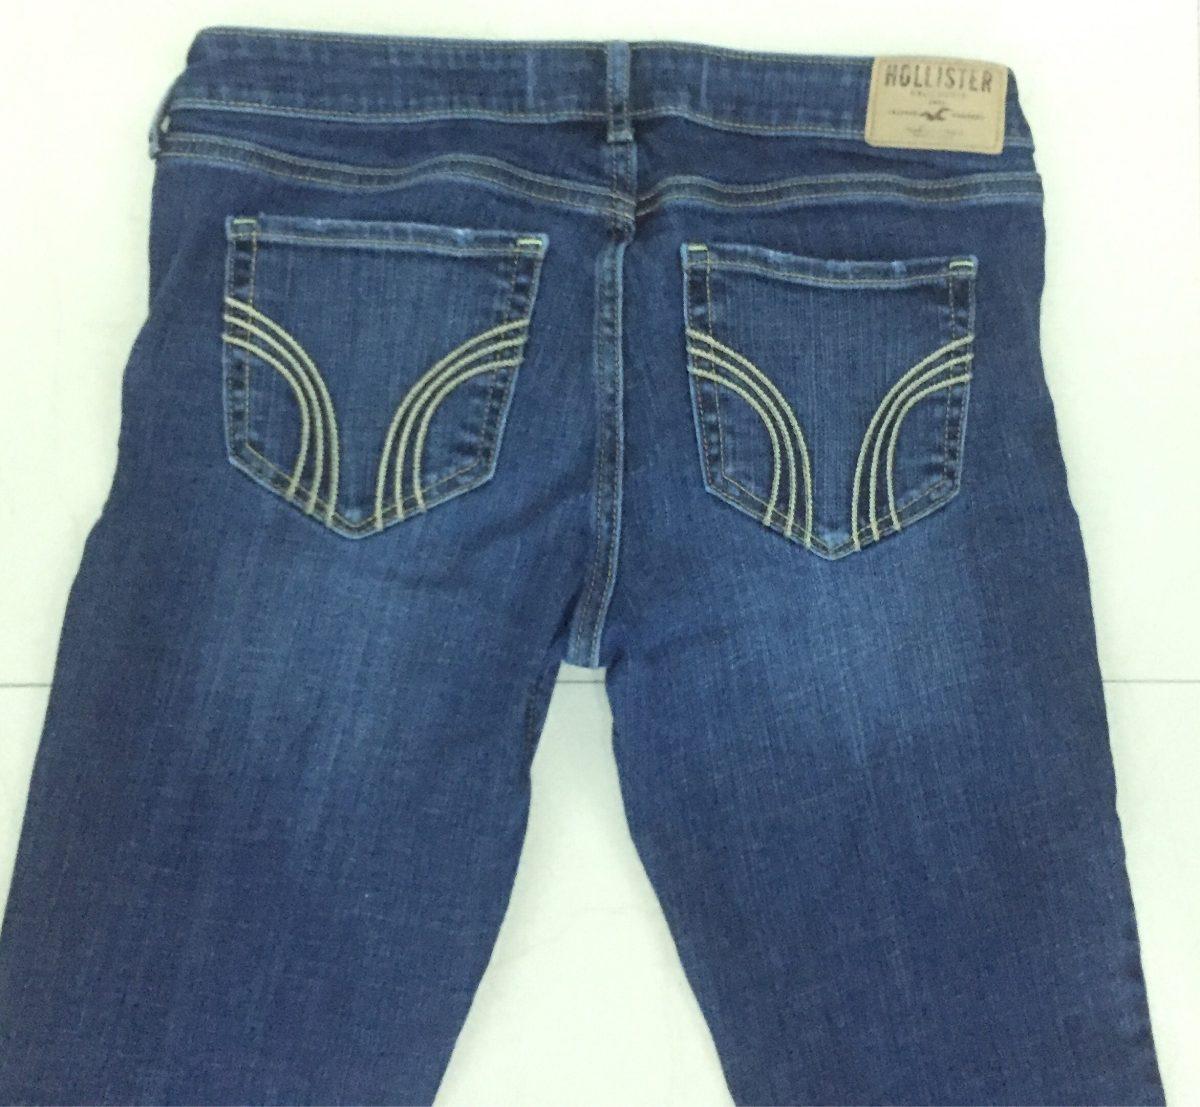 Purchase Pantalones Hollister De Mujer Precio Up To 64 Off